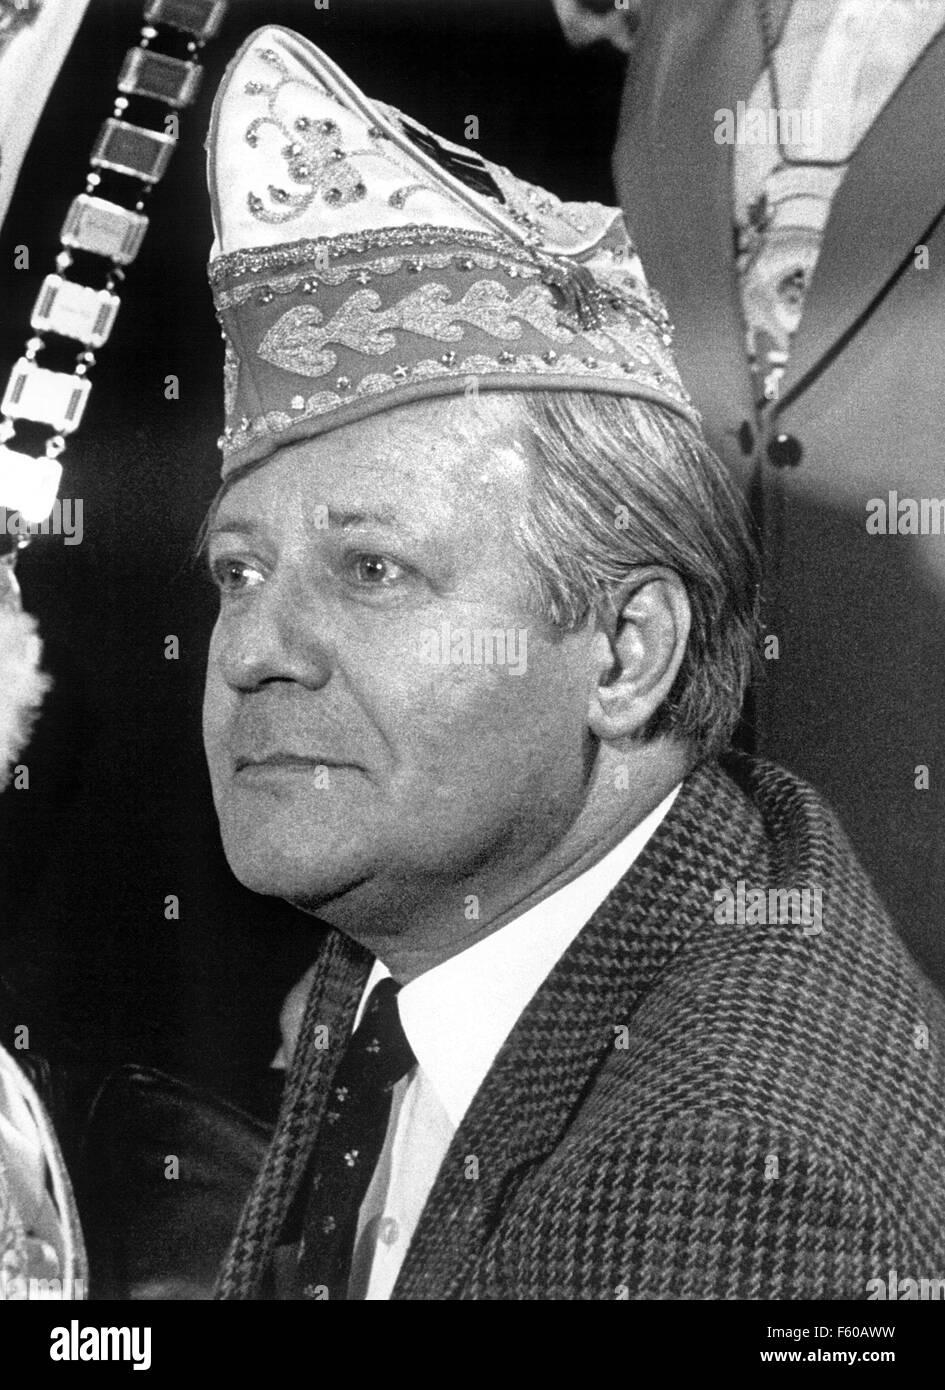 Le chancelier Helmut Schmidt (SPD) est le port d'un chapeau de l'imbécile pendant la réception pour Bonn fêtards carnaval le 20 février 1981 à la chancellerie de Bonn. Banque D'Images